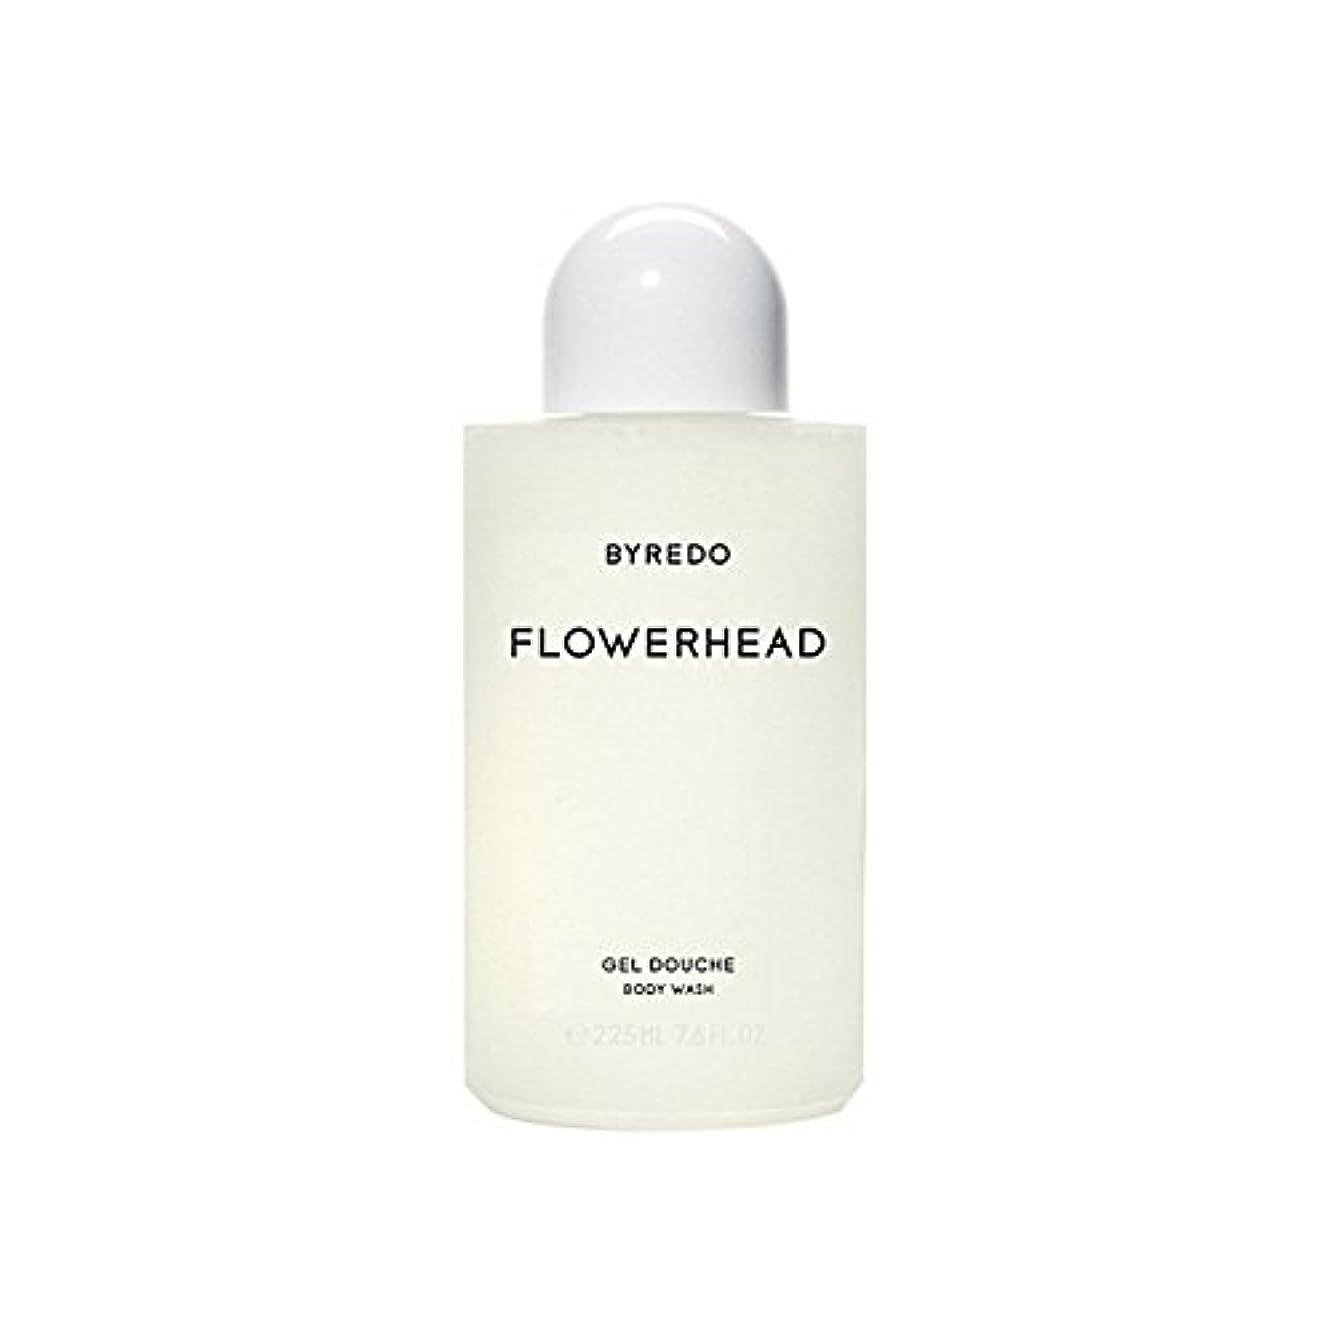 加速する霧使い込むByredo Flowerhead Body Wash 225ml - ボディウォッシュ225ミリリットル [並行輸入品]